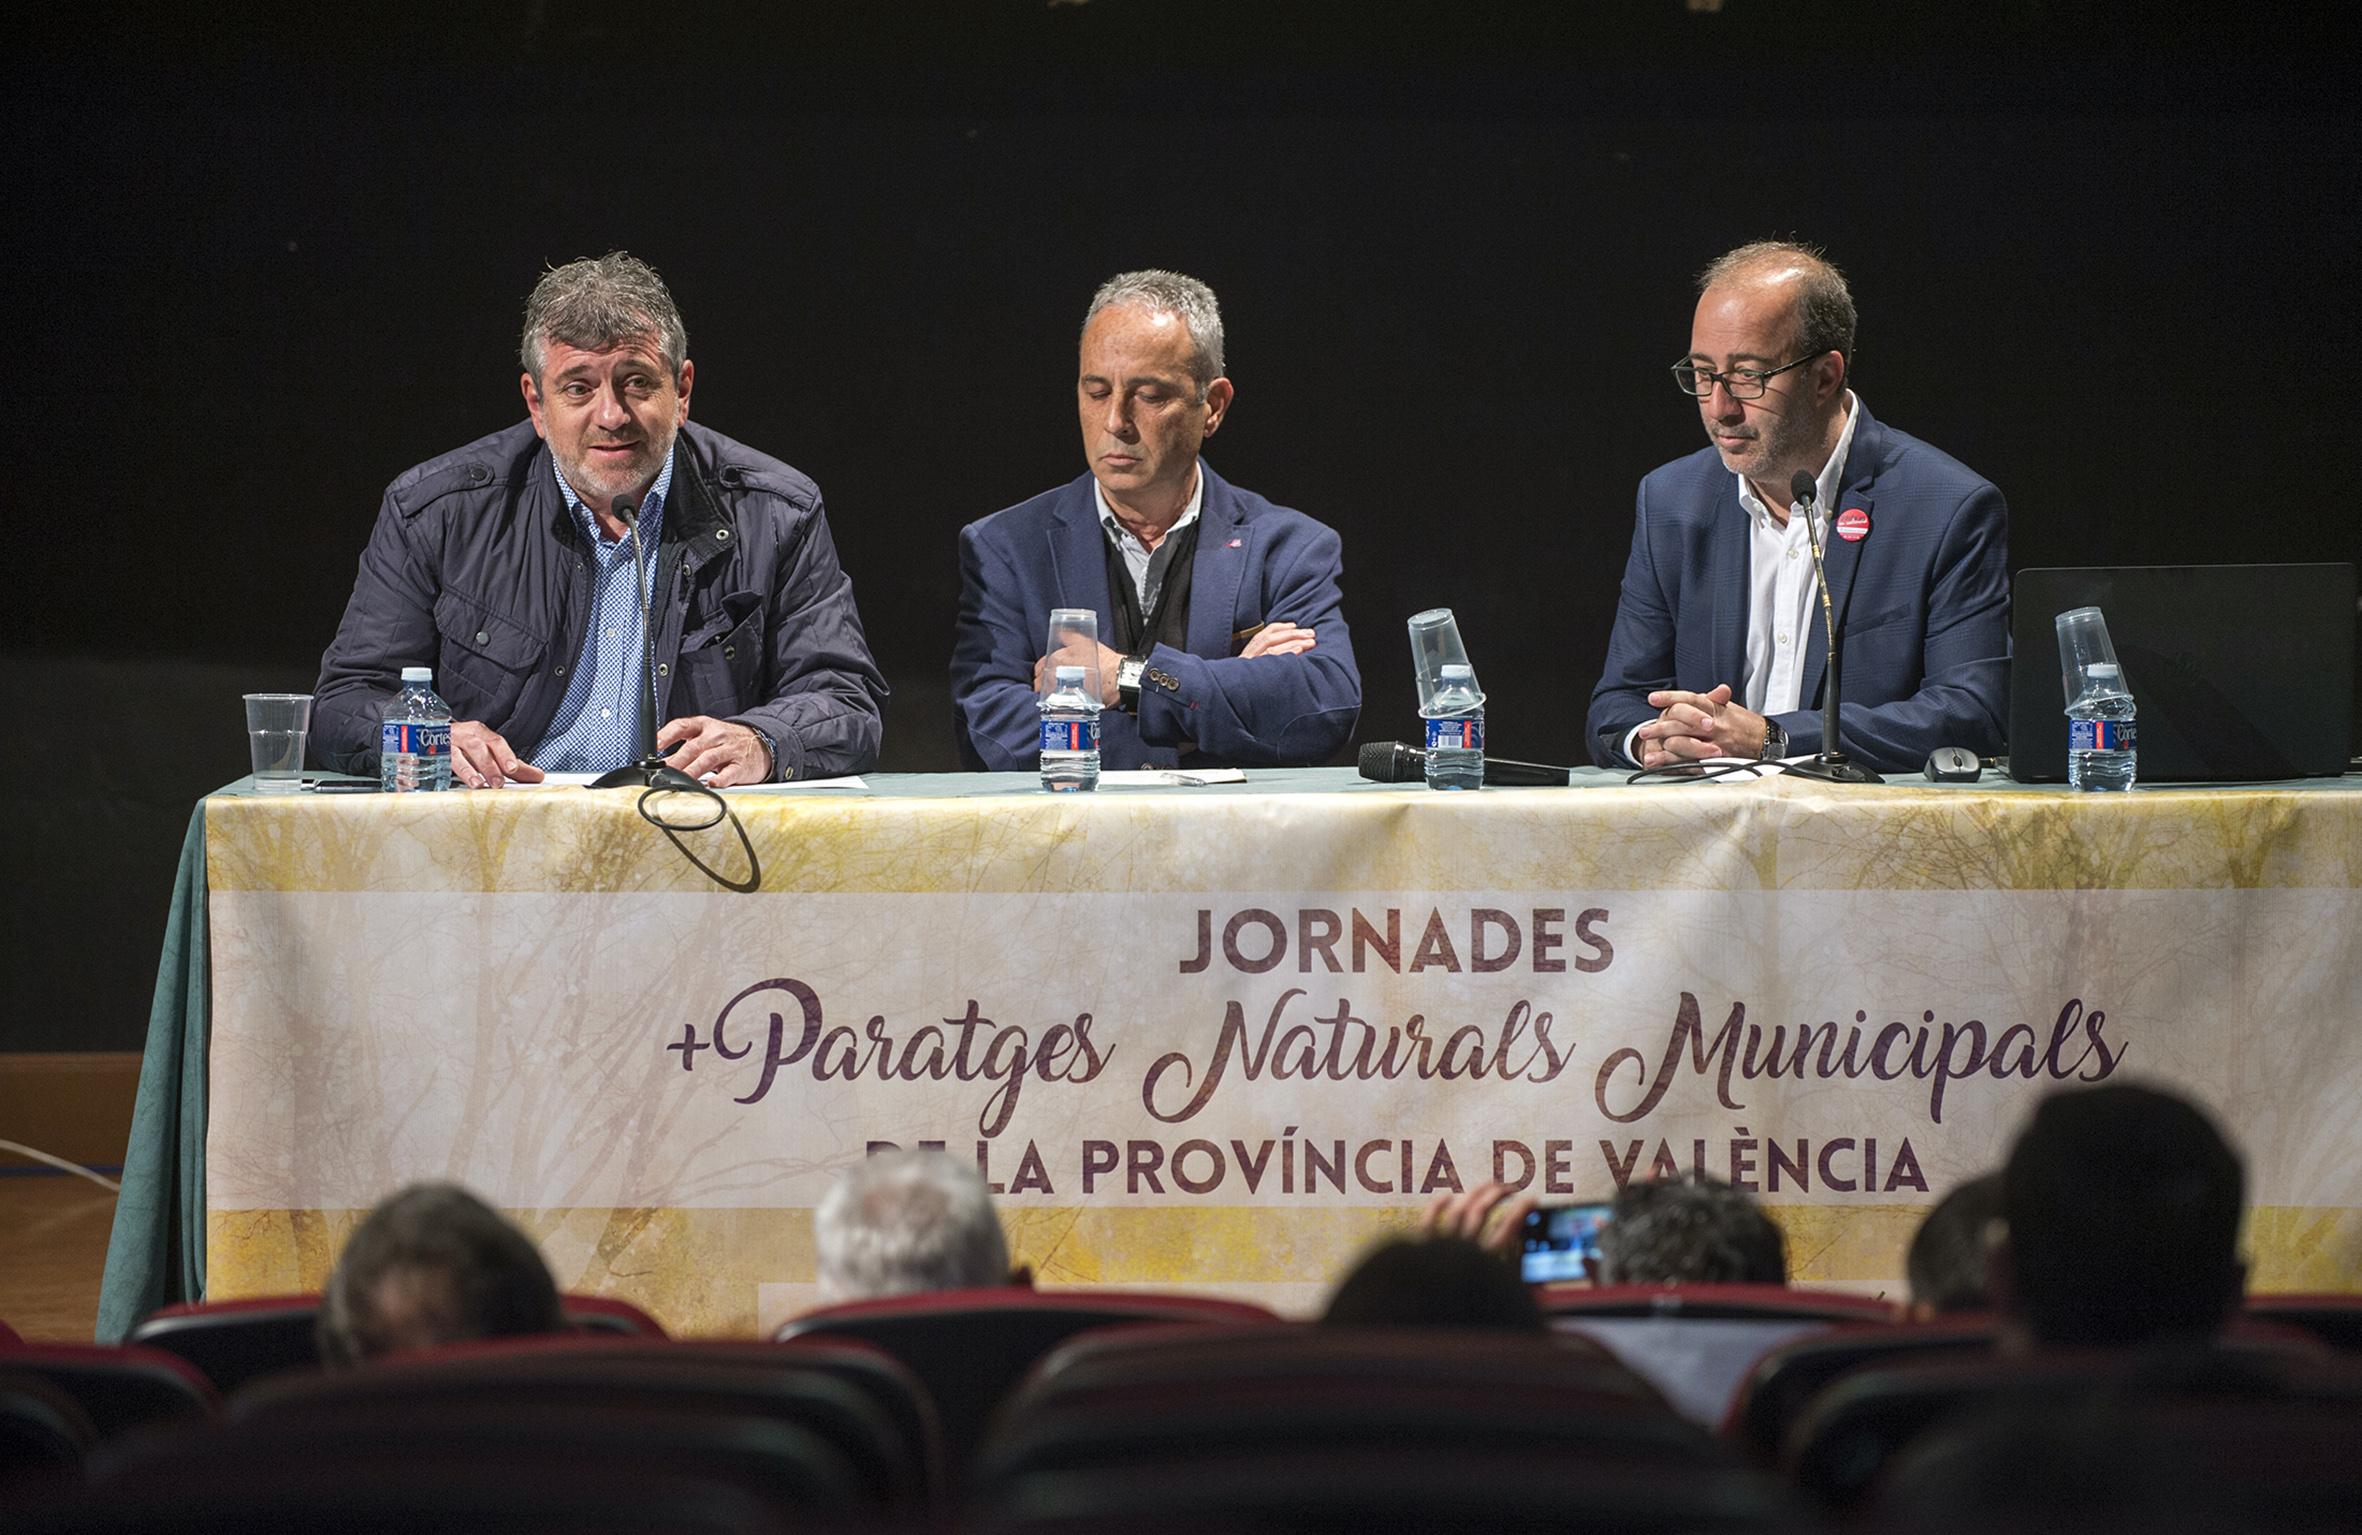 Josep Bort, Antoni Marzo y Diego Gómez en la I Jornada sobre Parajes Naturales Municipales.